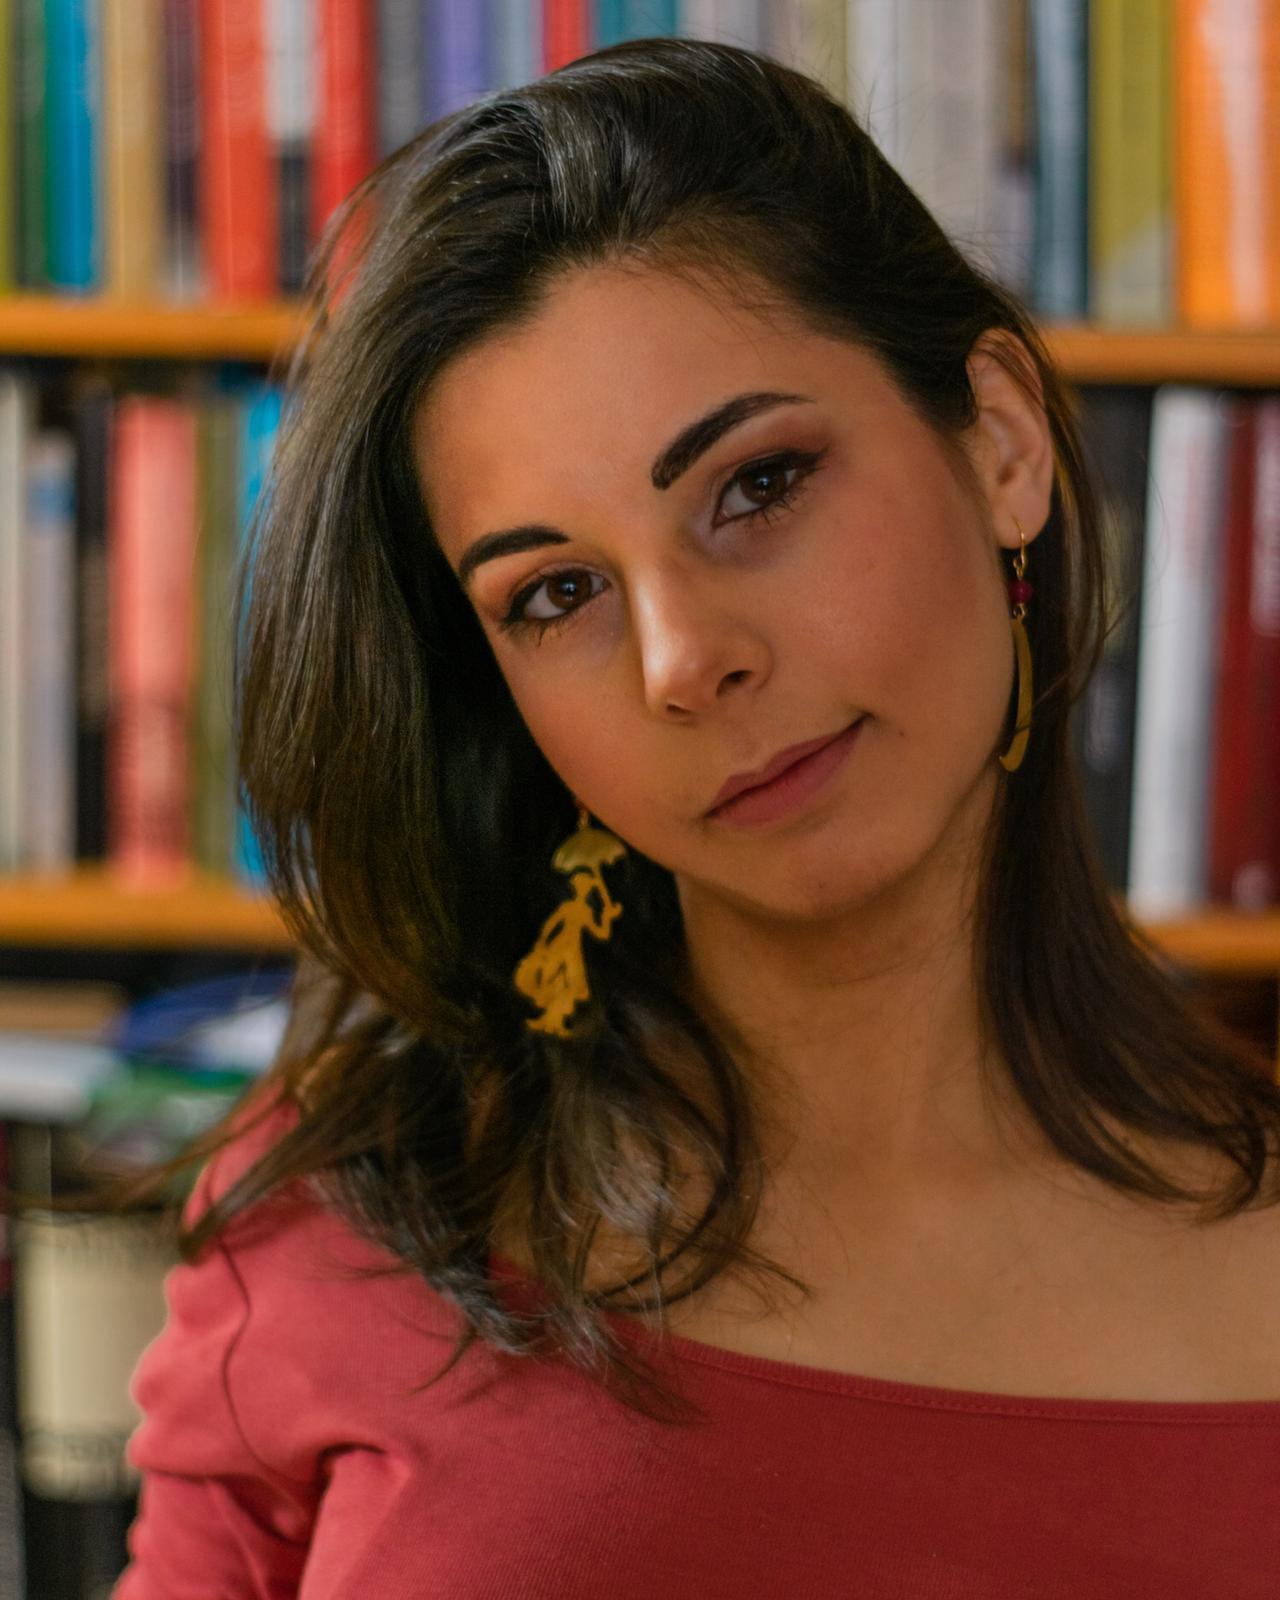 Erica Laiolo